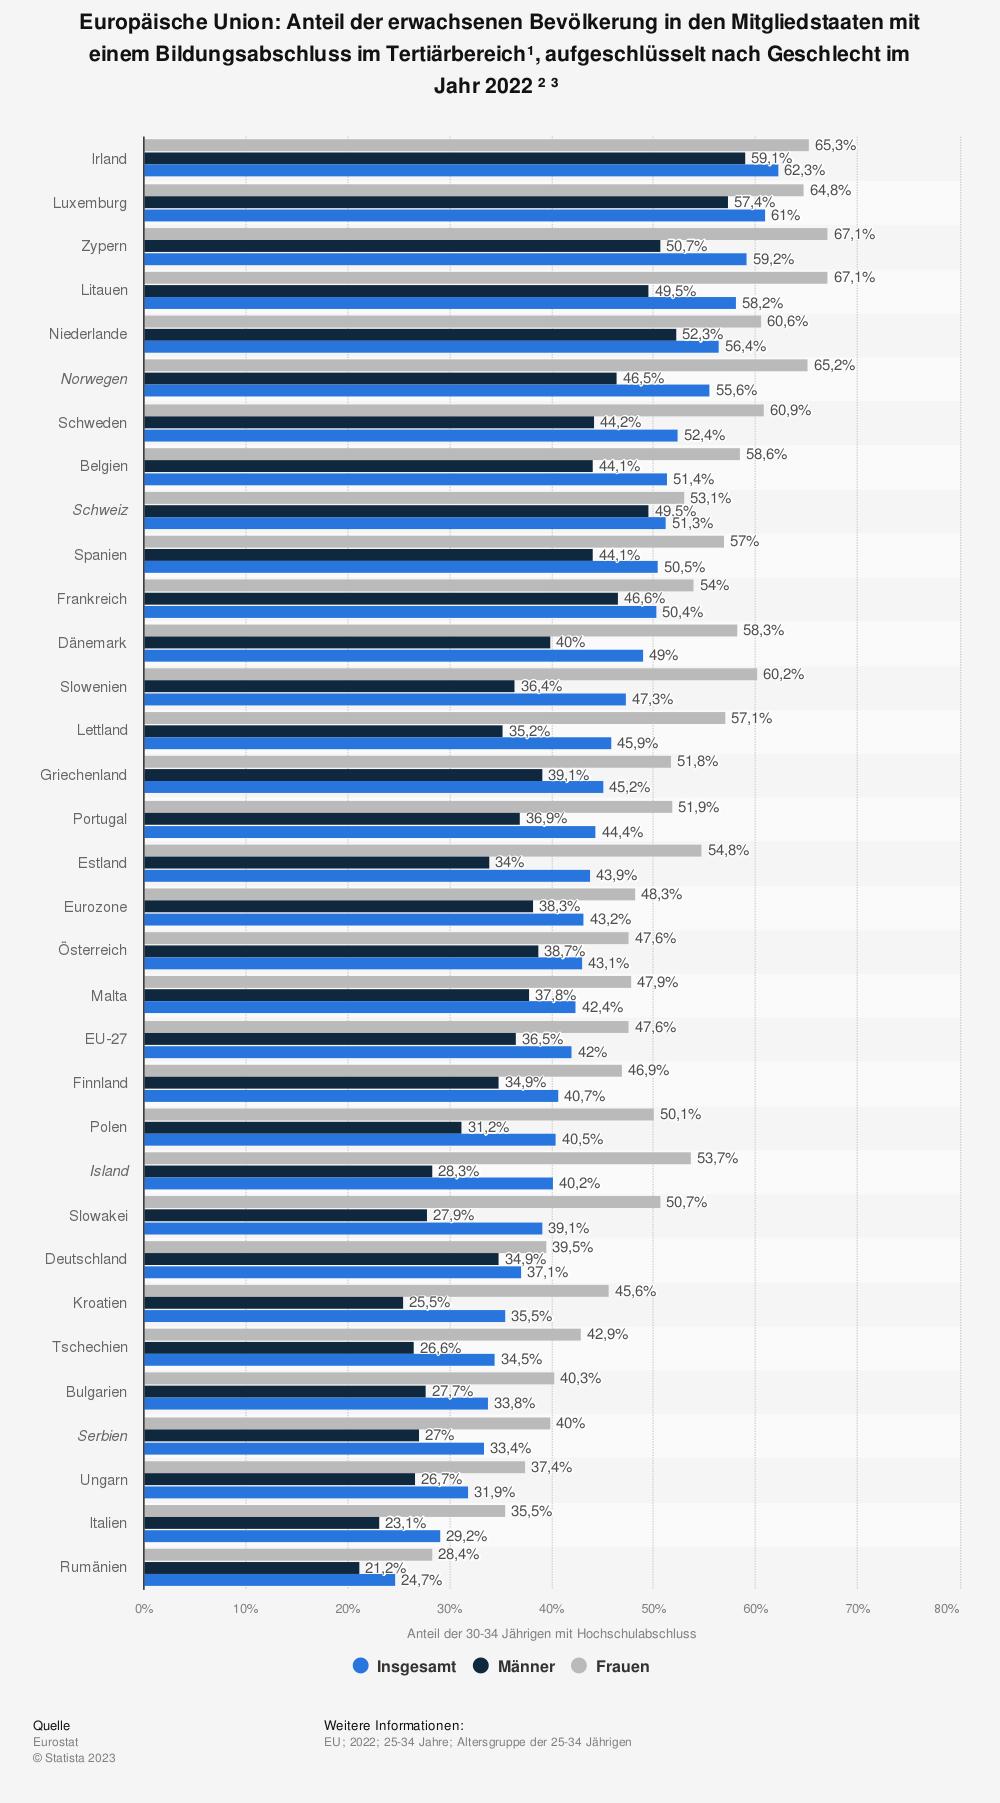 Statistik: Europäische Union: Anteil der erwachsenen Bevölkerung in den Mitgliedsstaaten³ mit einem Bildungsabschluss im Tertiärbereich¹, aufgeschlüsselt nach Geschlecht im Jahr 2019¹ | Statista